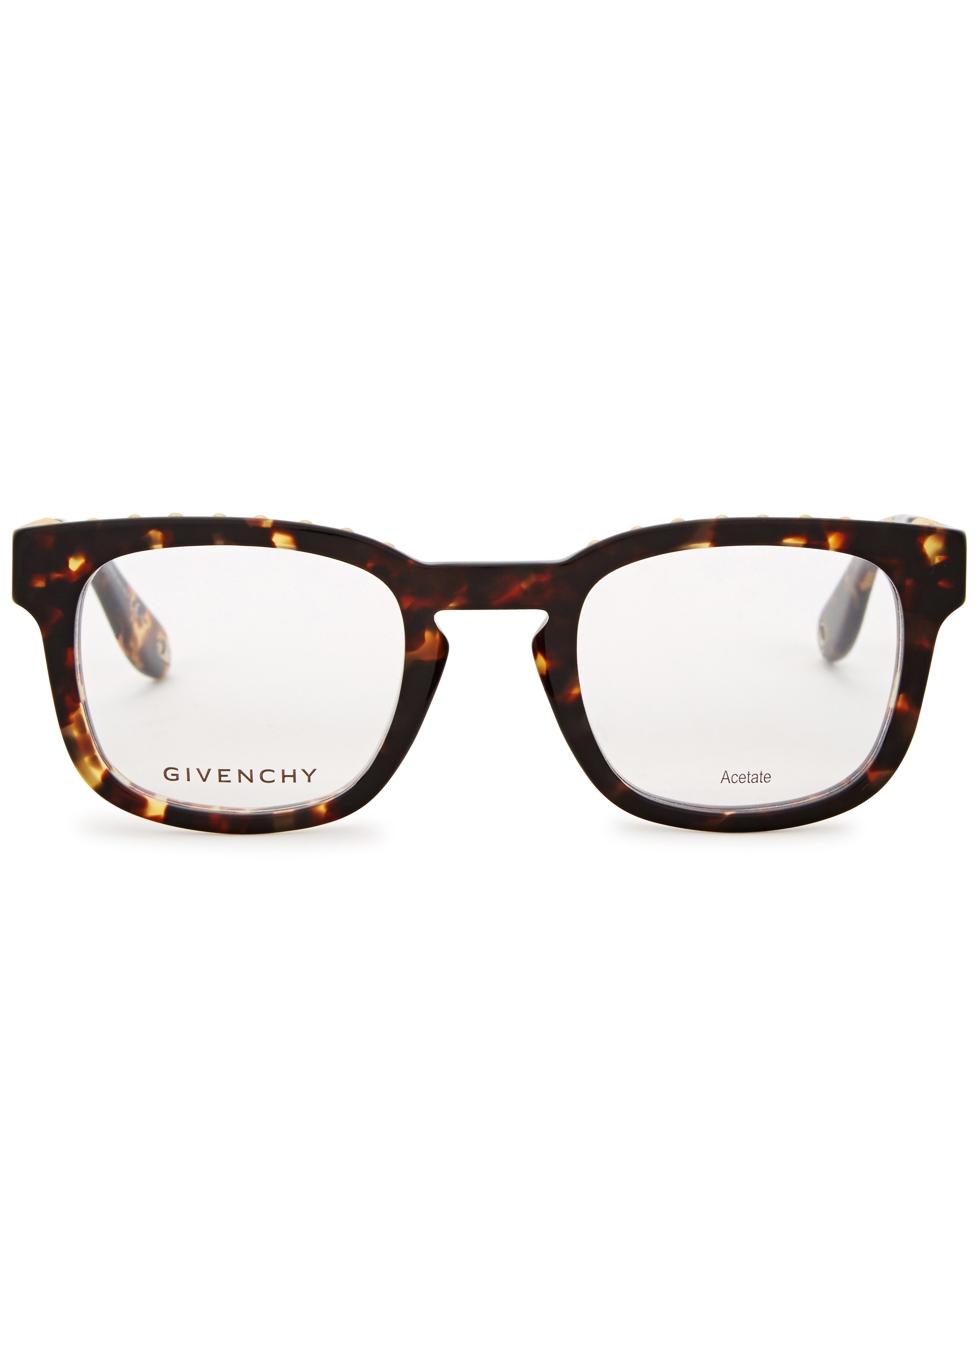 Tortoiseshell wayfarer-style optical glasses - Givenchy